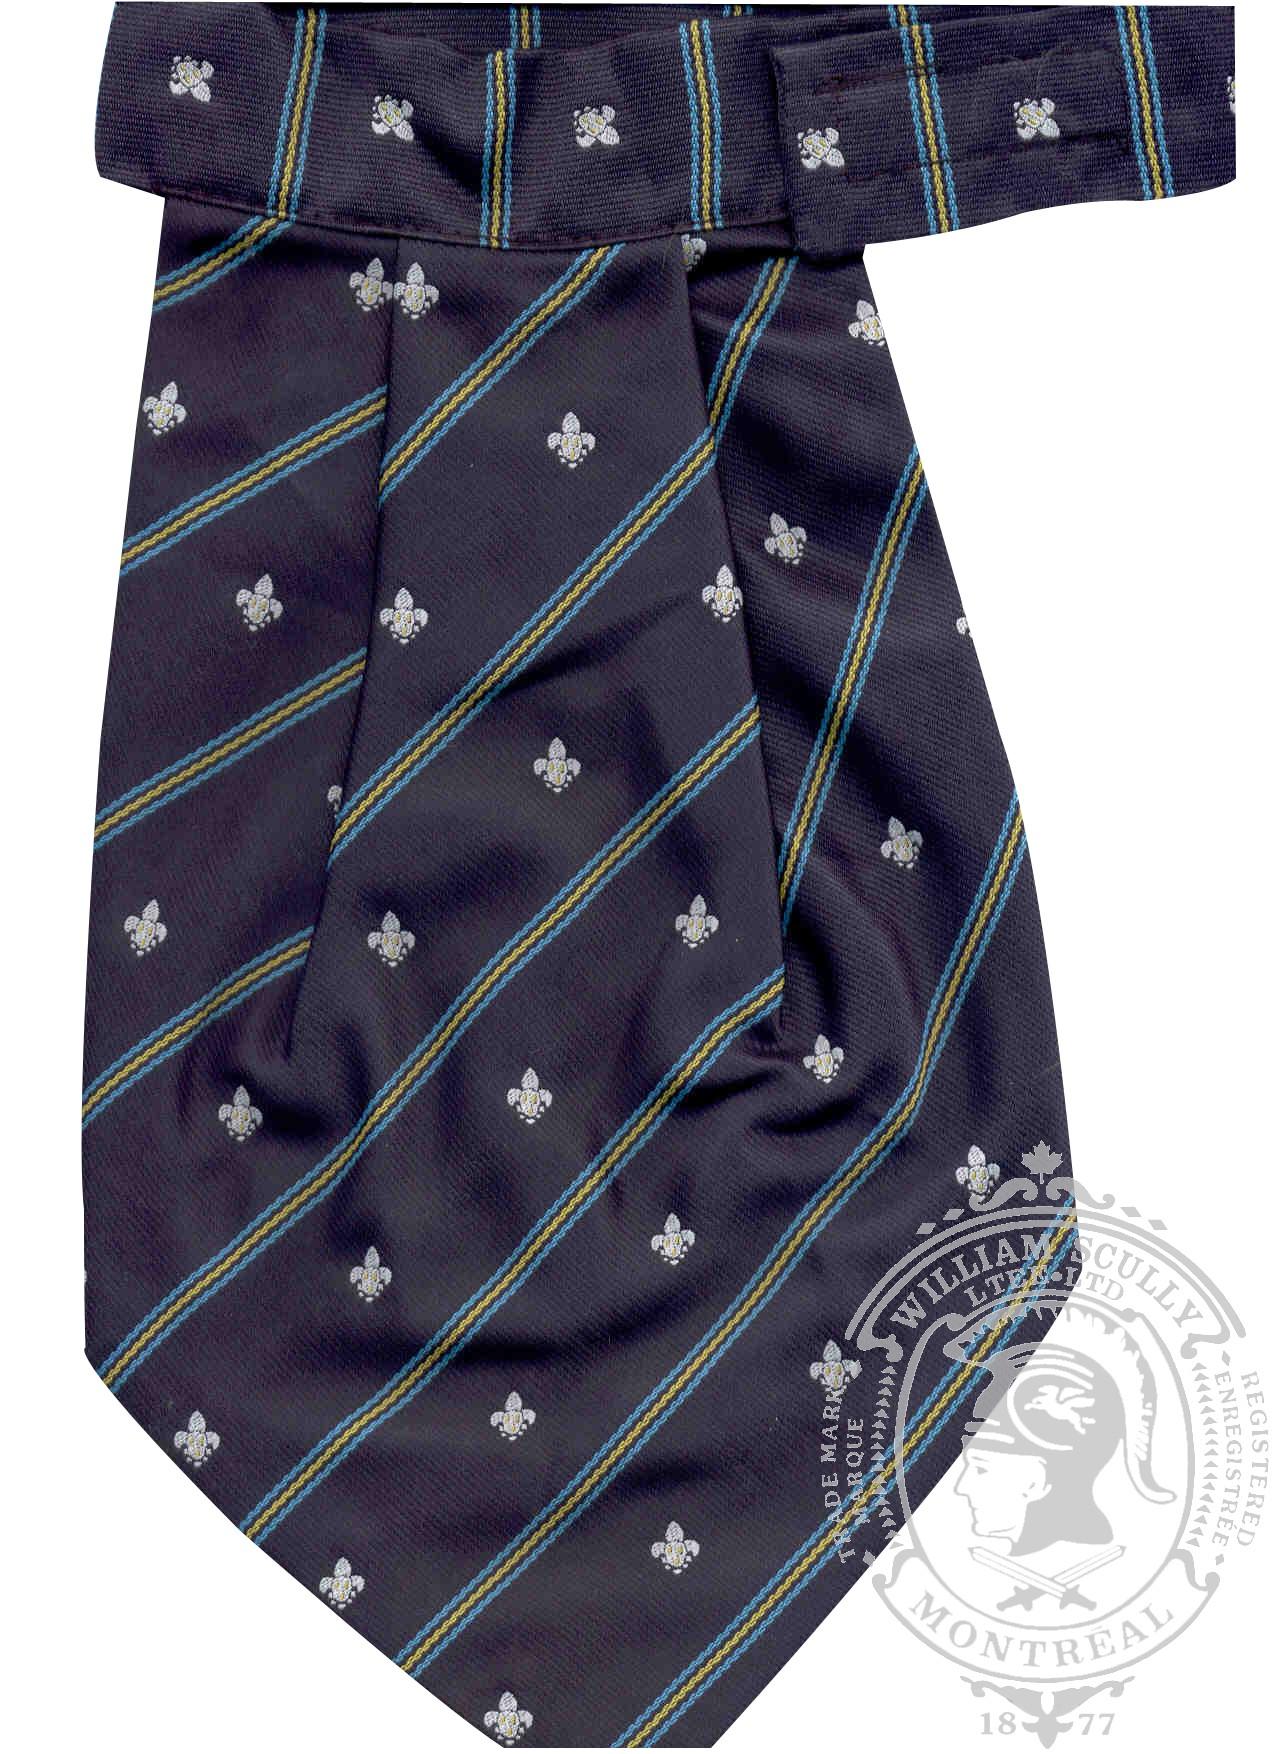 Cravates ascots regimentales